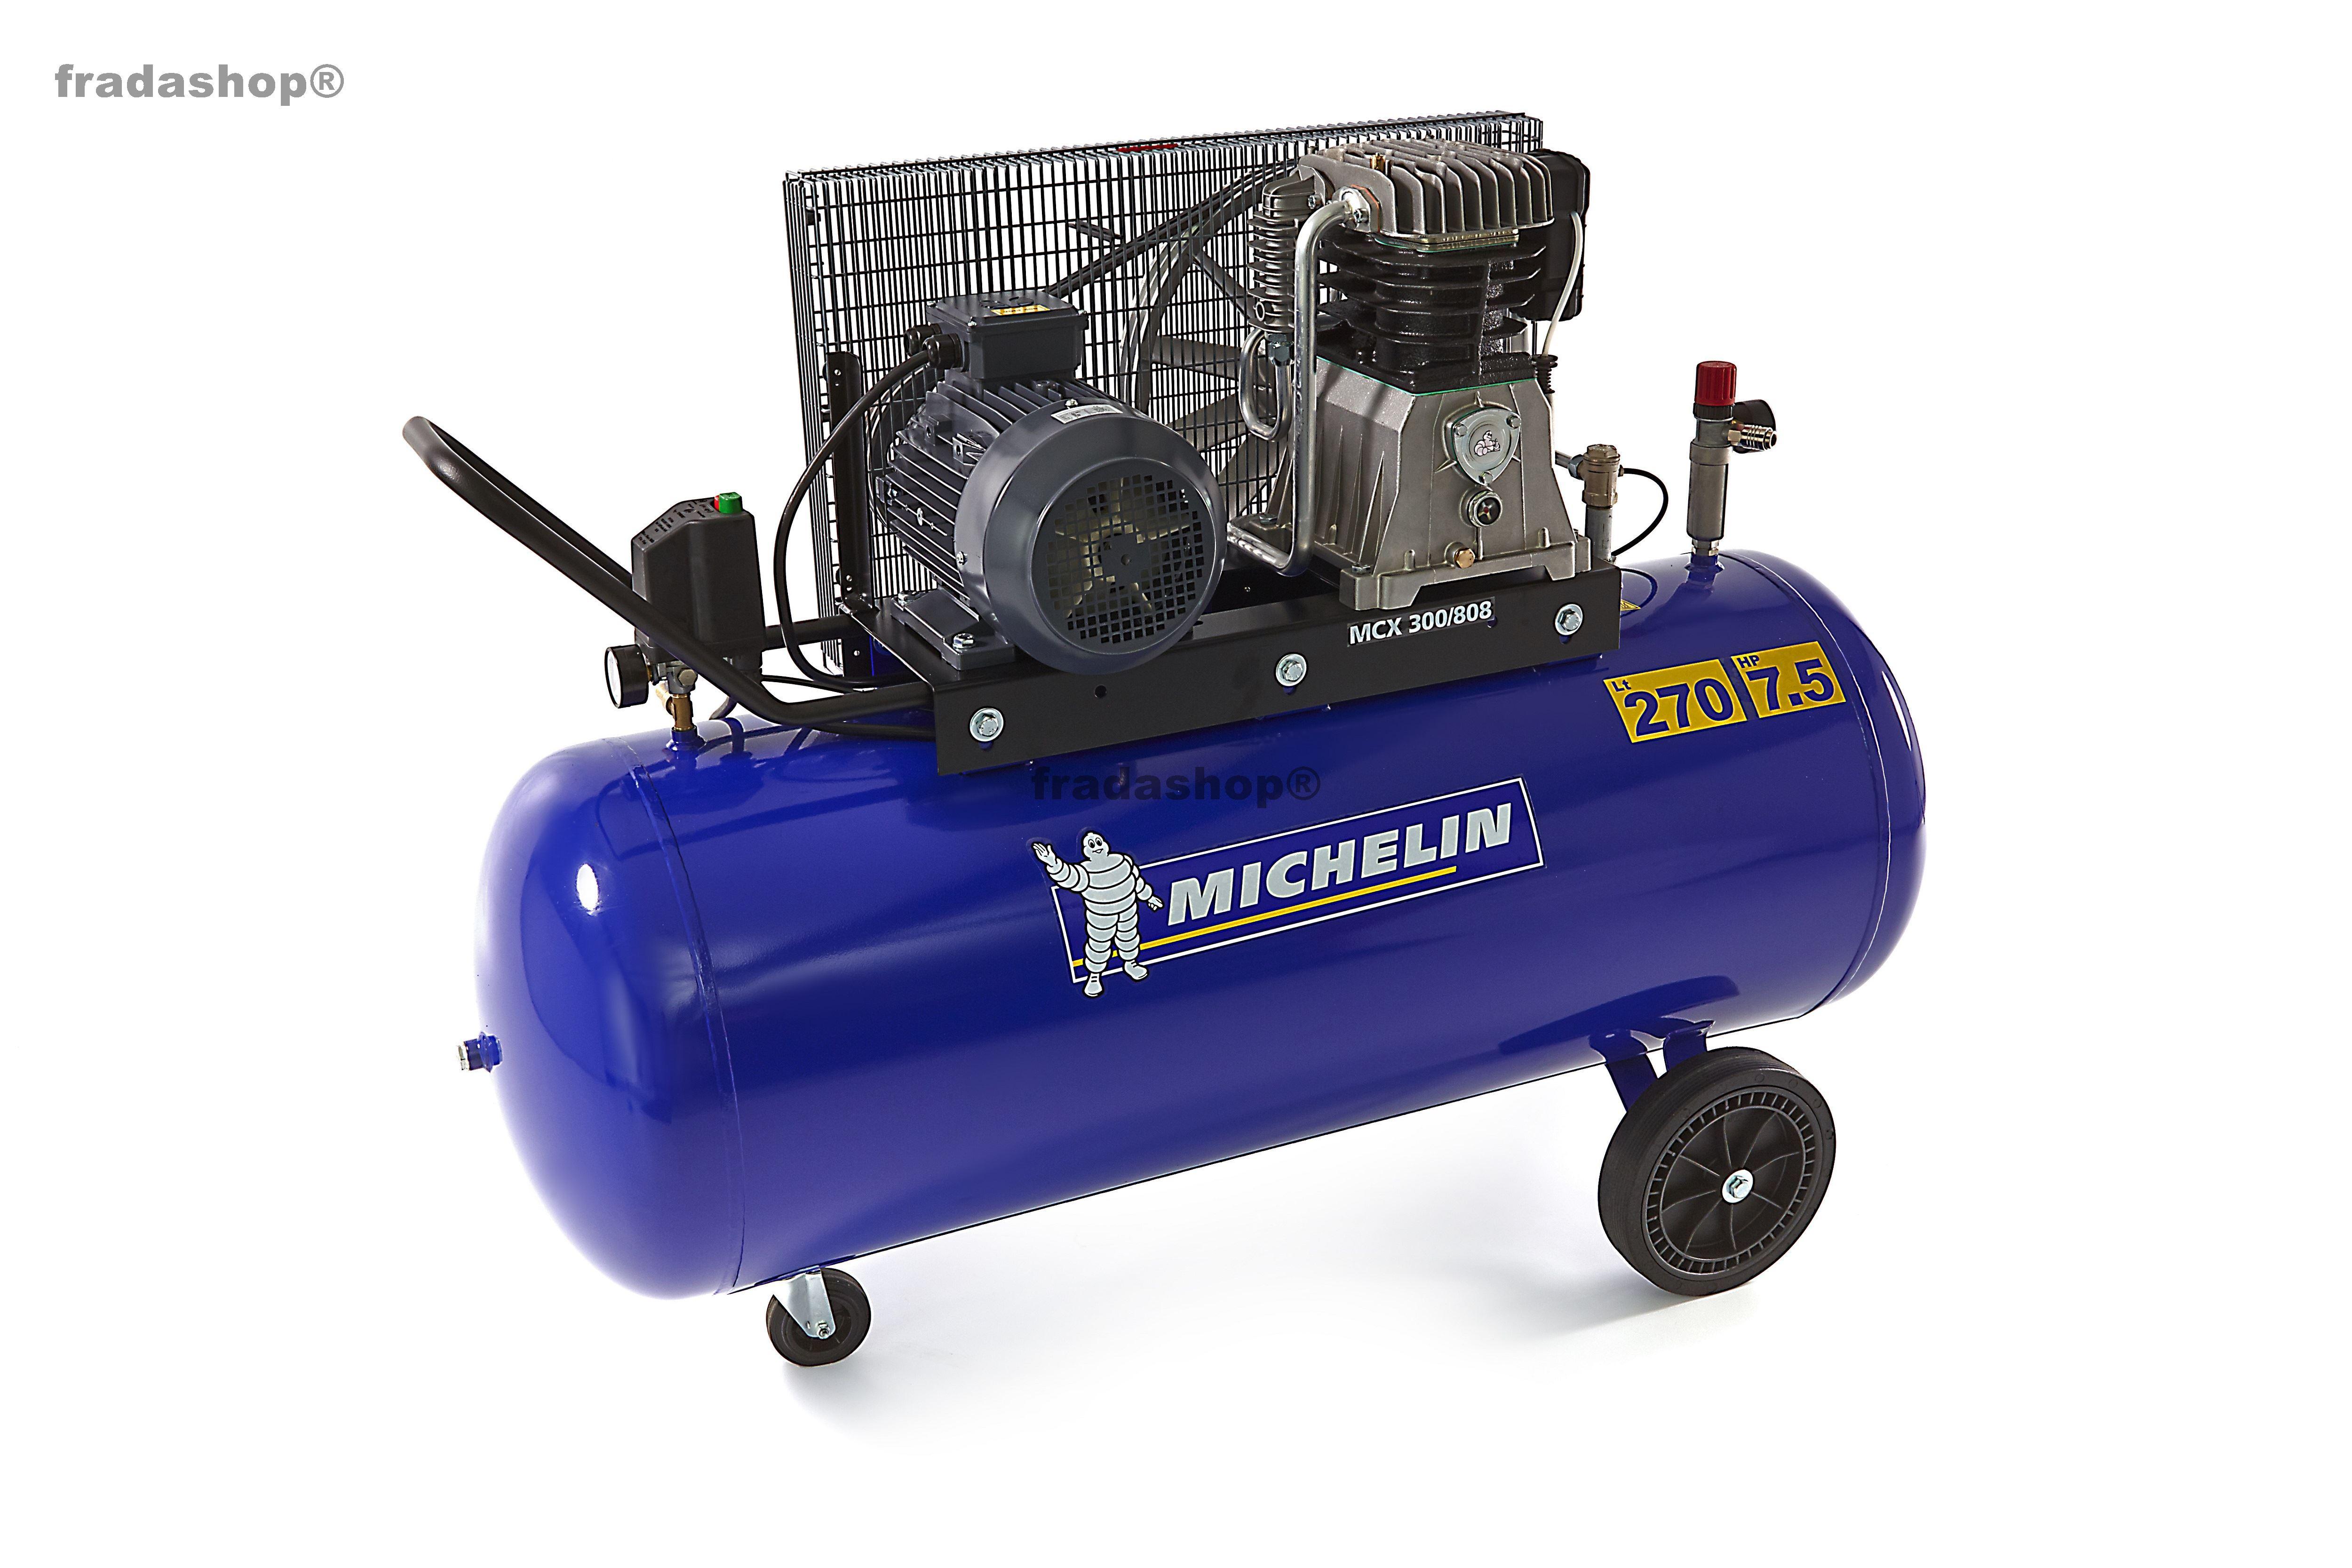 michelin 270 liter kompressor 7 5 ps fradashop. Black Bedroom Furniture Sets. Home Design Ideas